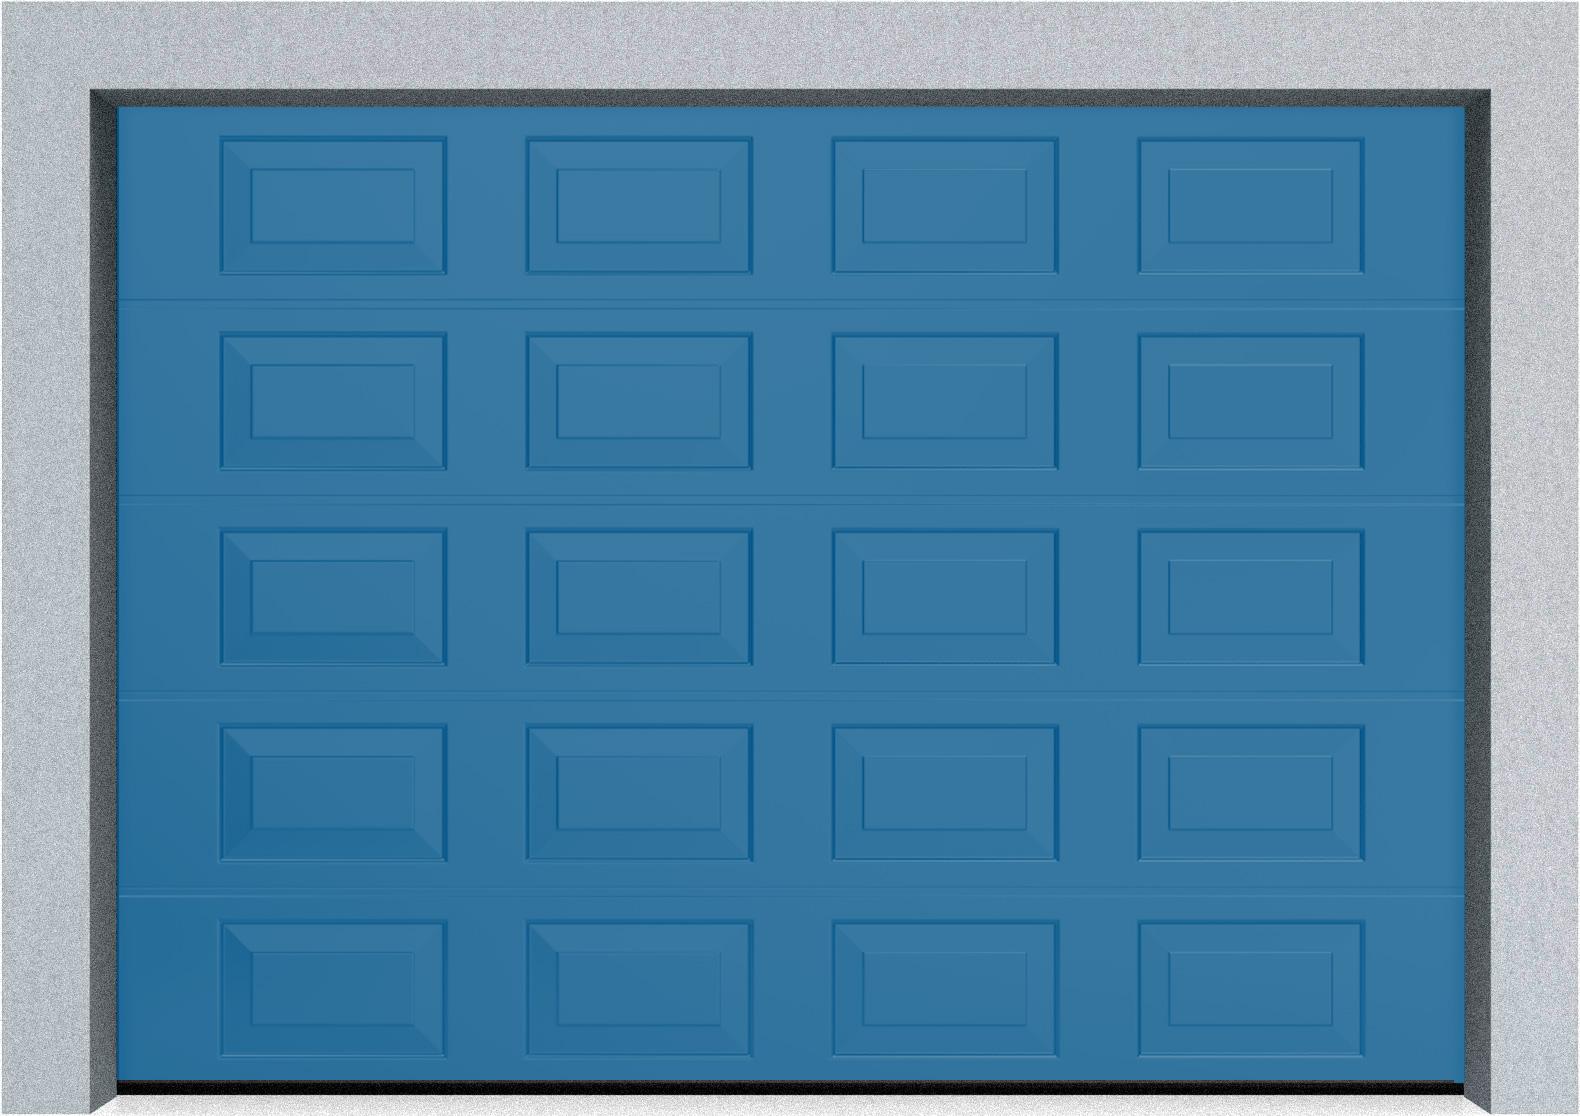 Секционные гаражные ворота DoorHan RSD01 3500x2000 Филенка стандартные цвета, пружины растяжения, фото 8